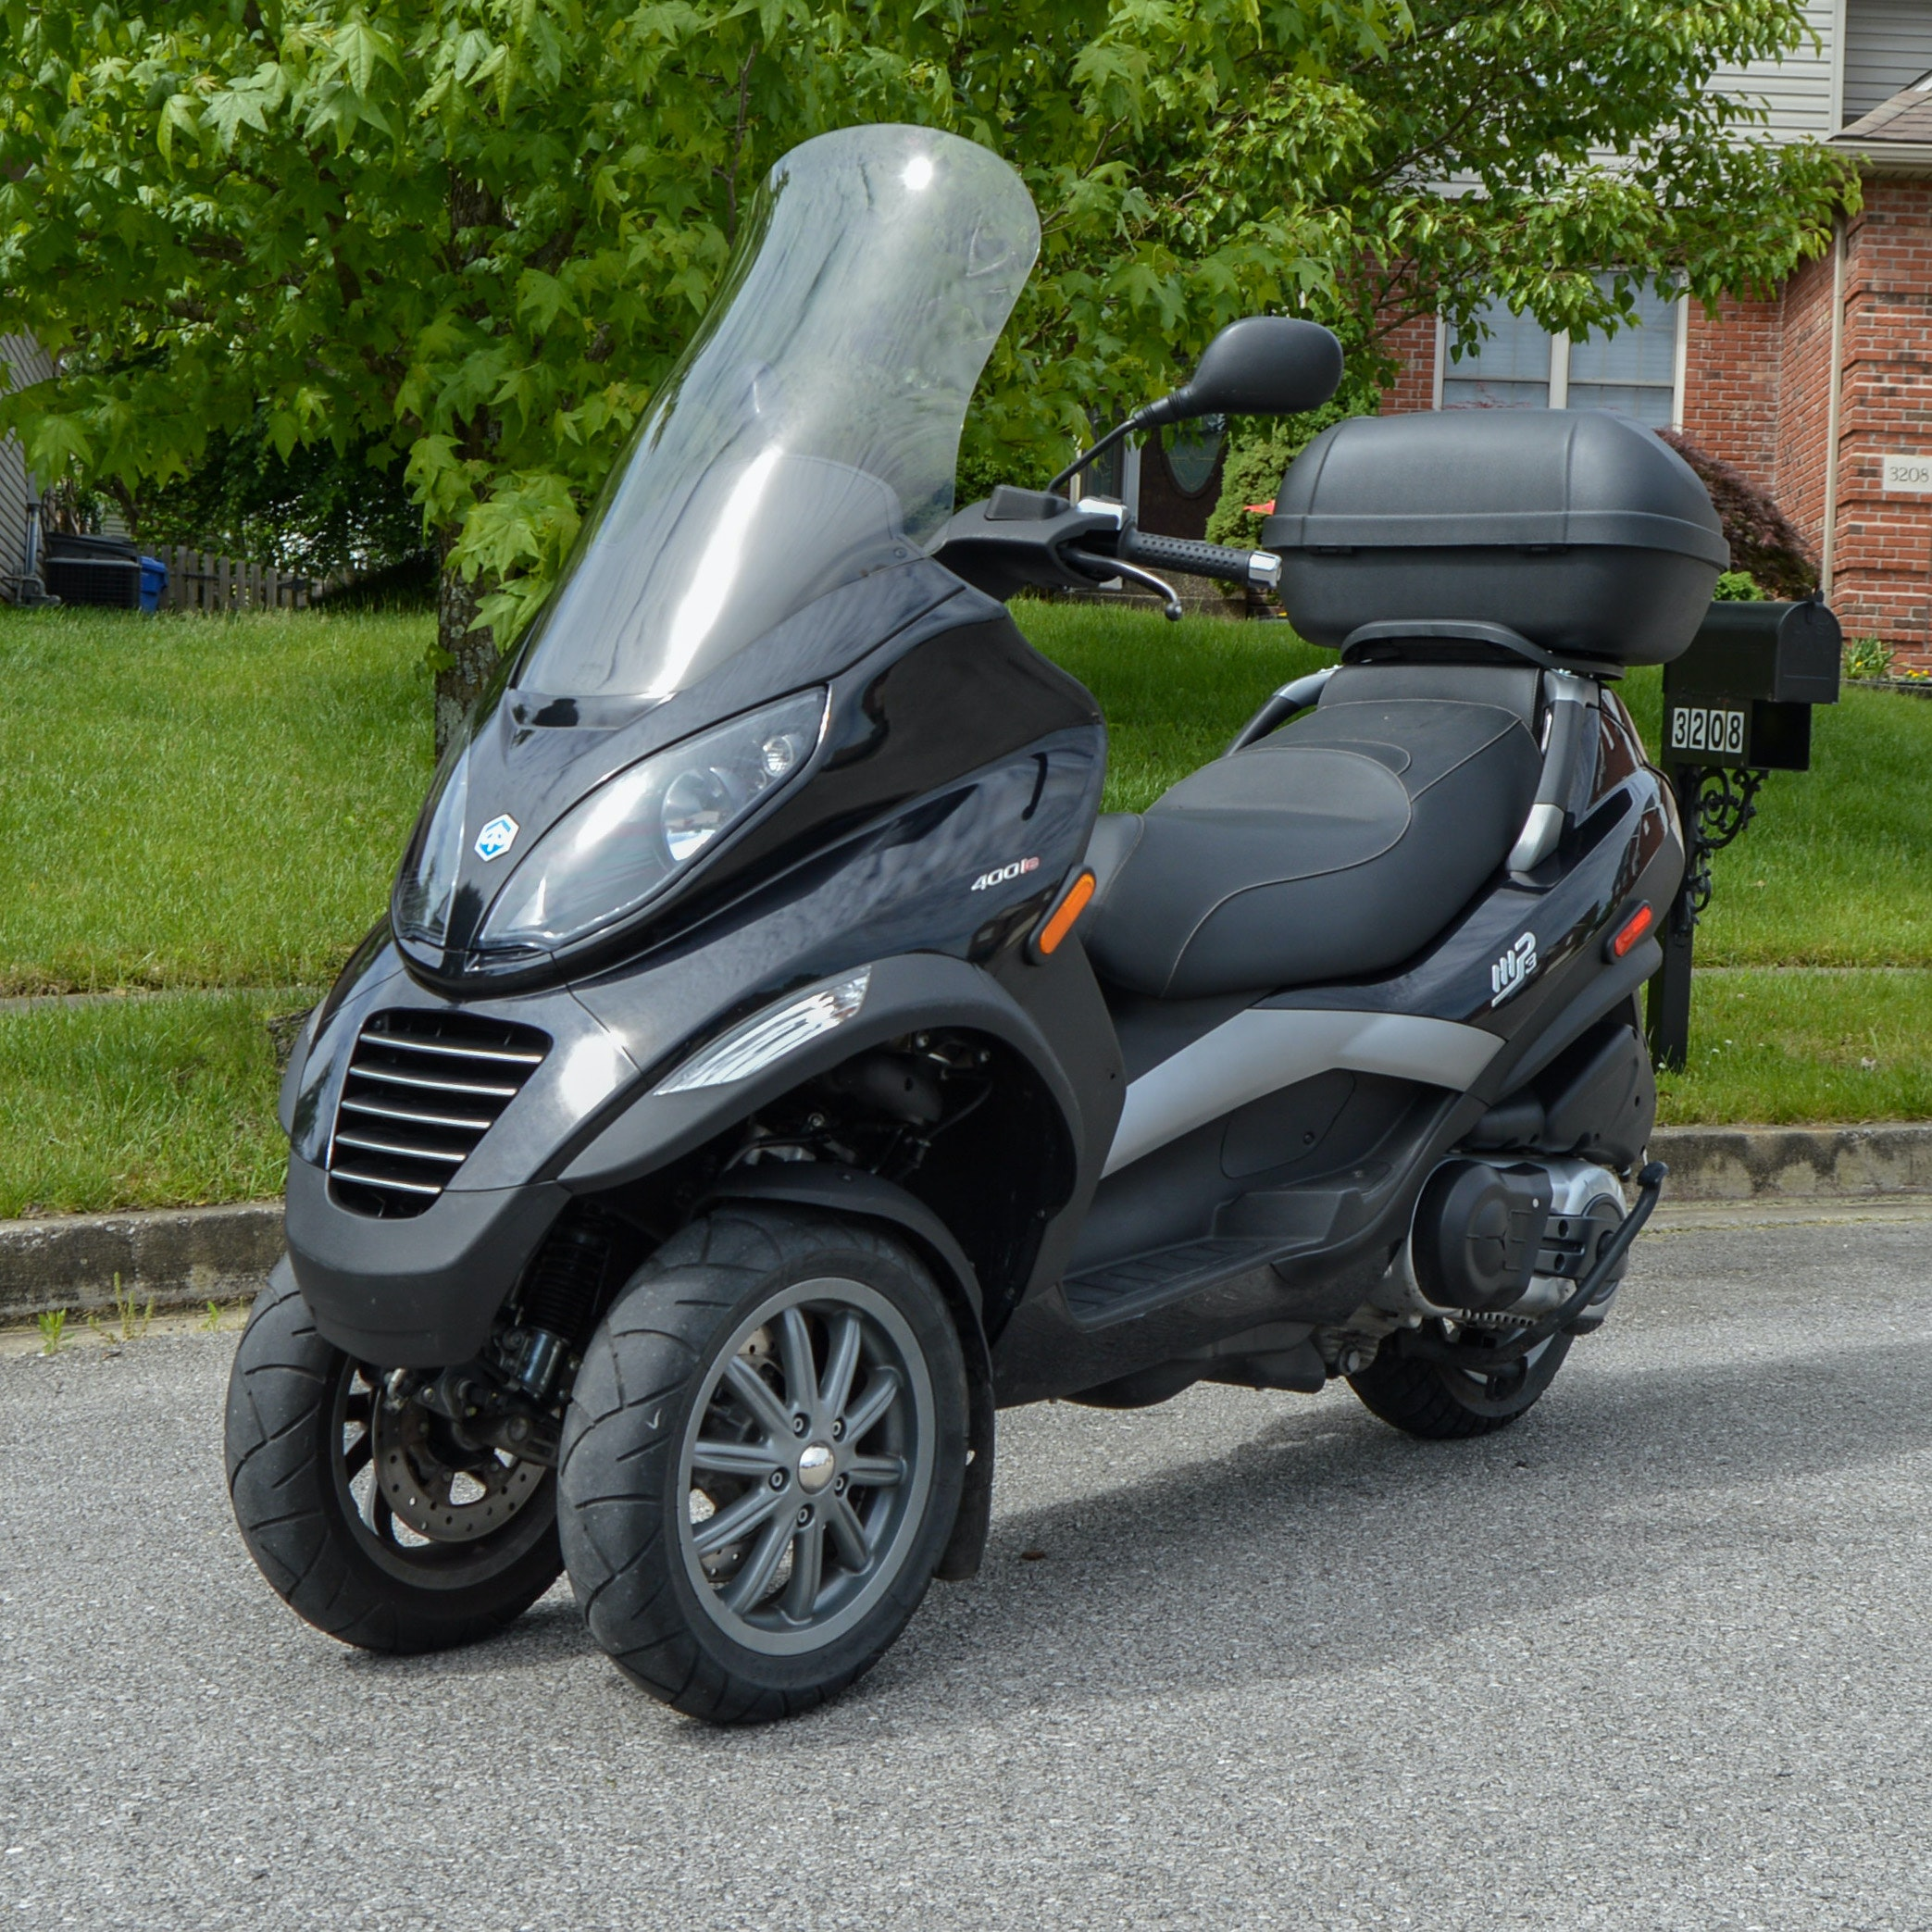 2008 Piaggio MP3-400 Scooter